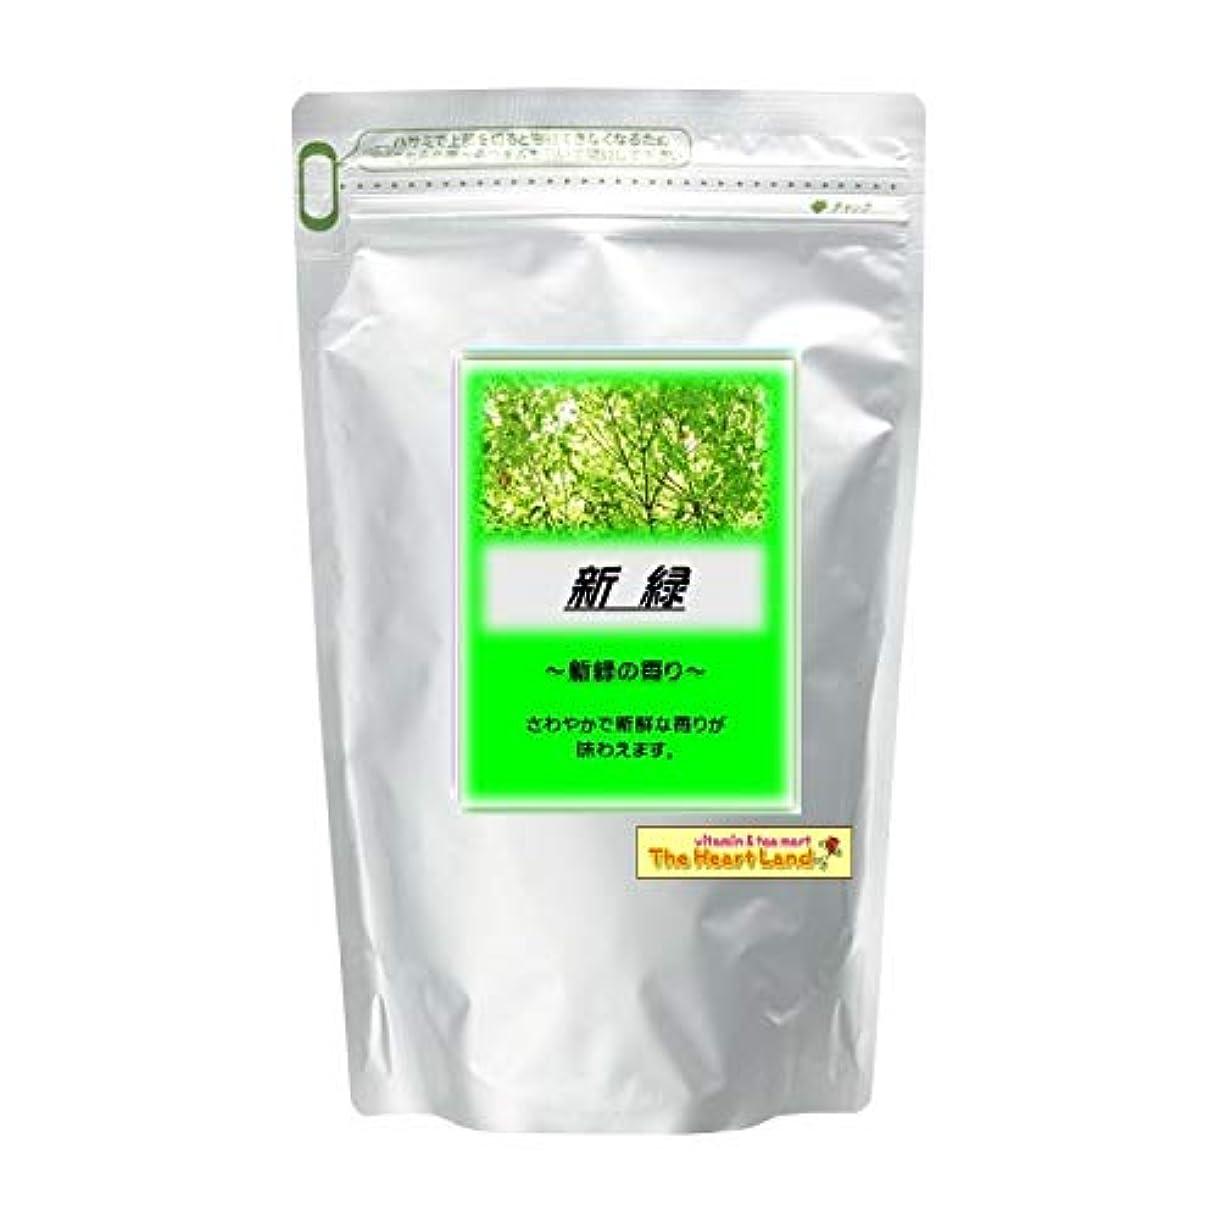 ドライ収入立証するアサヒ入浴剤 浴用入浴化粧品 新緑 2.5kg